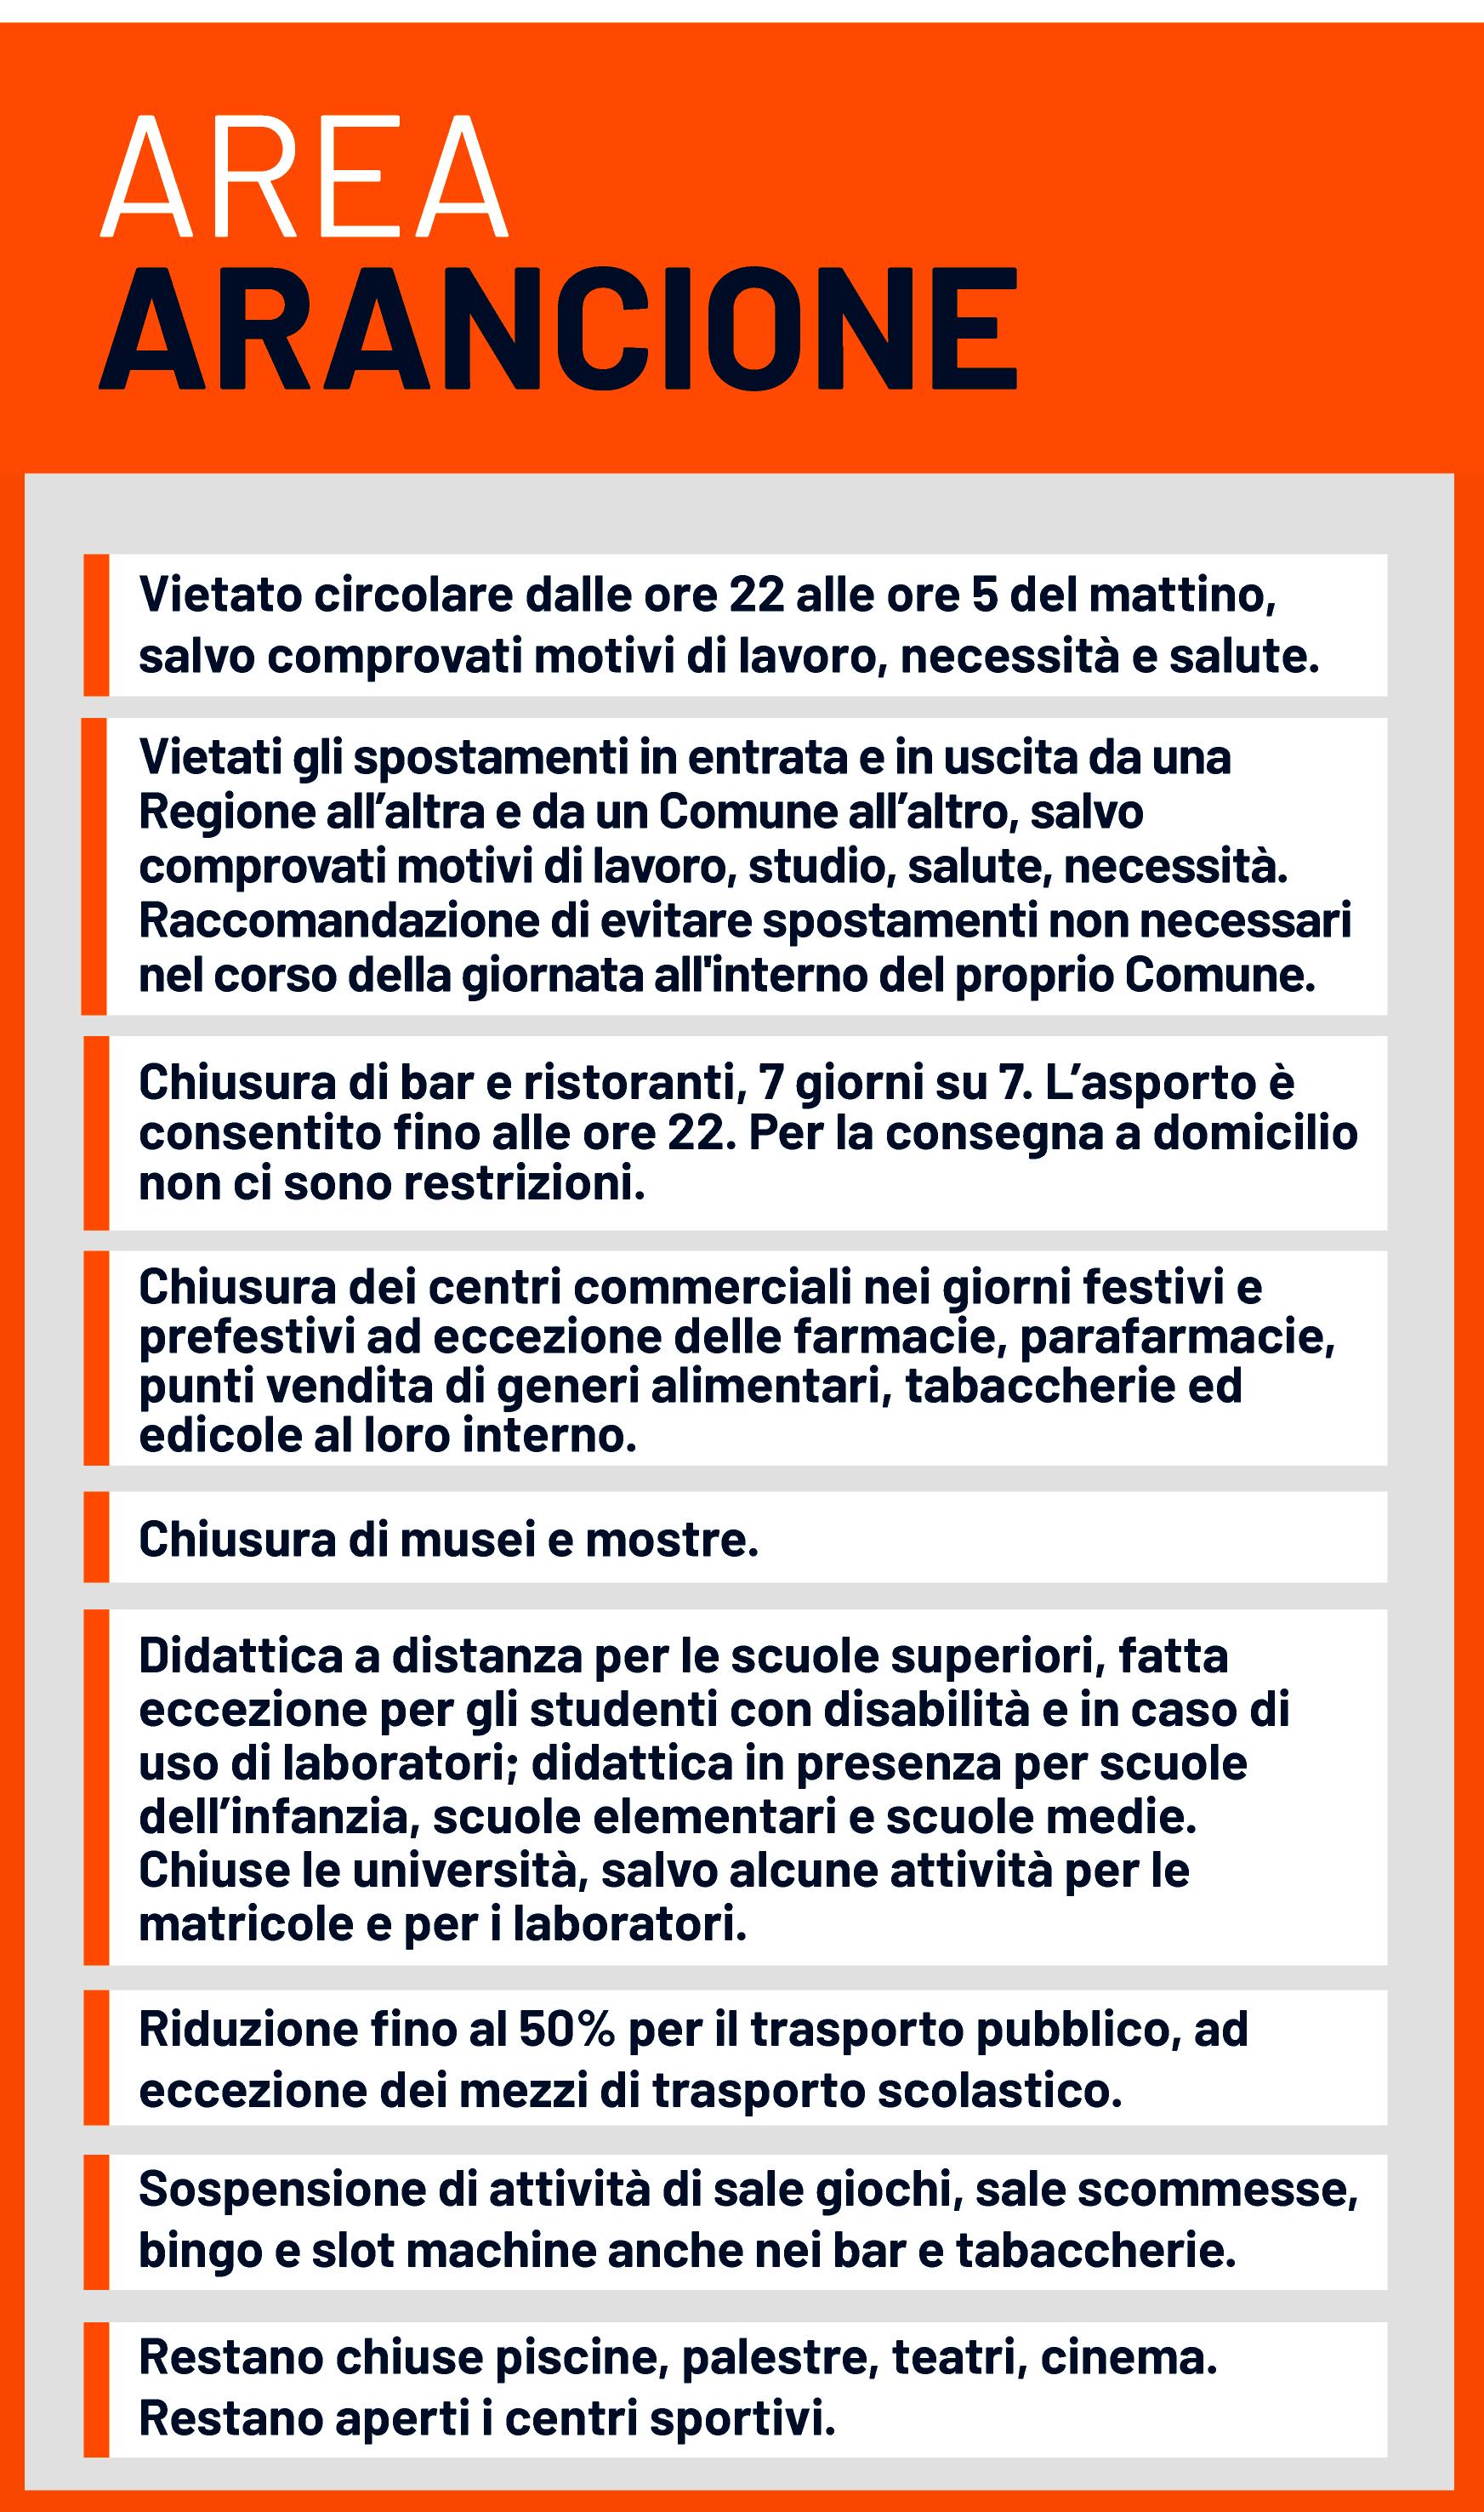 arancione-3